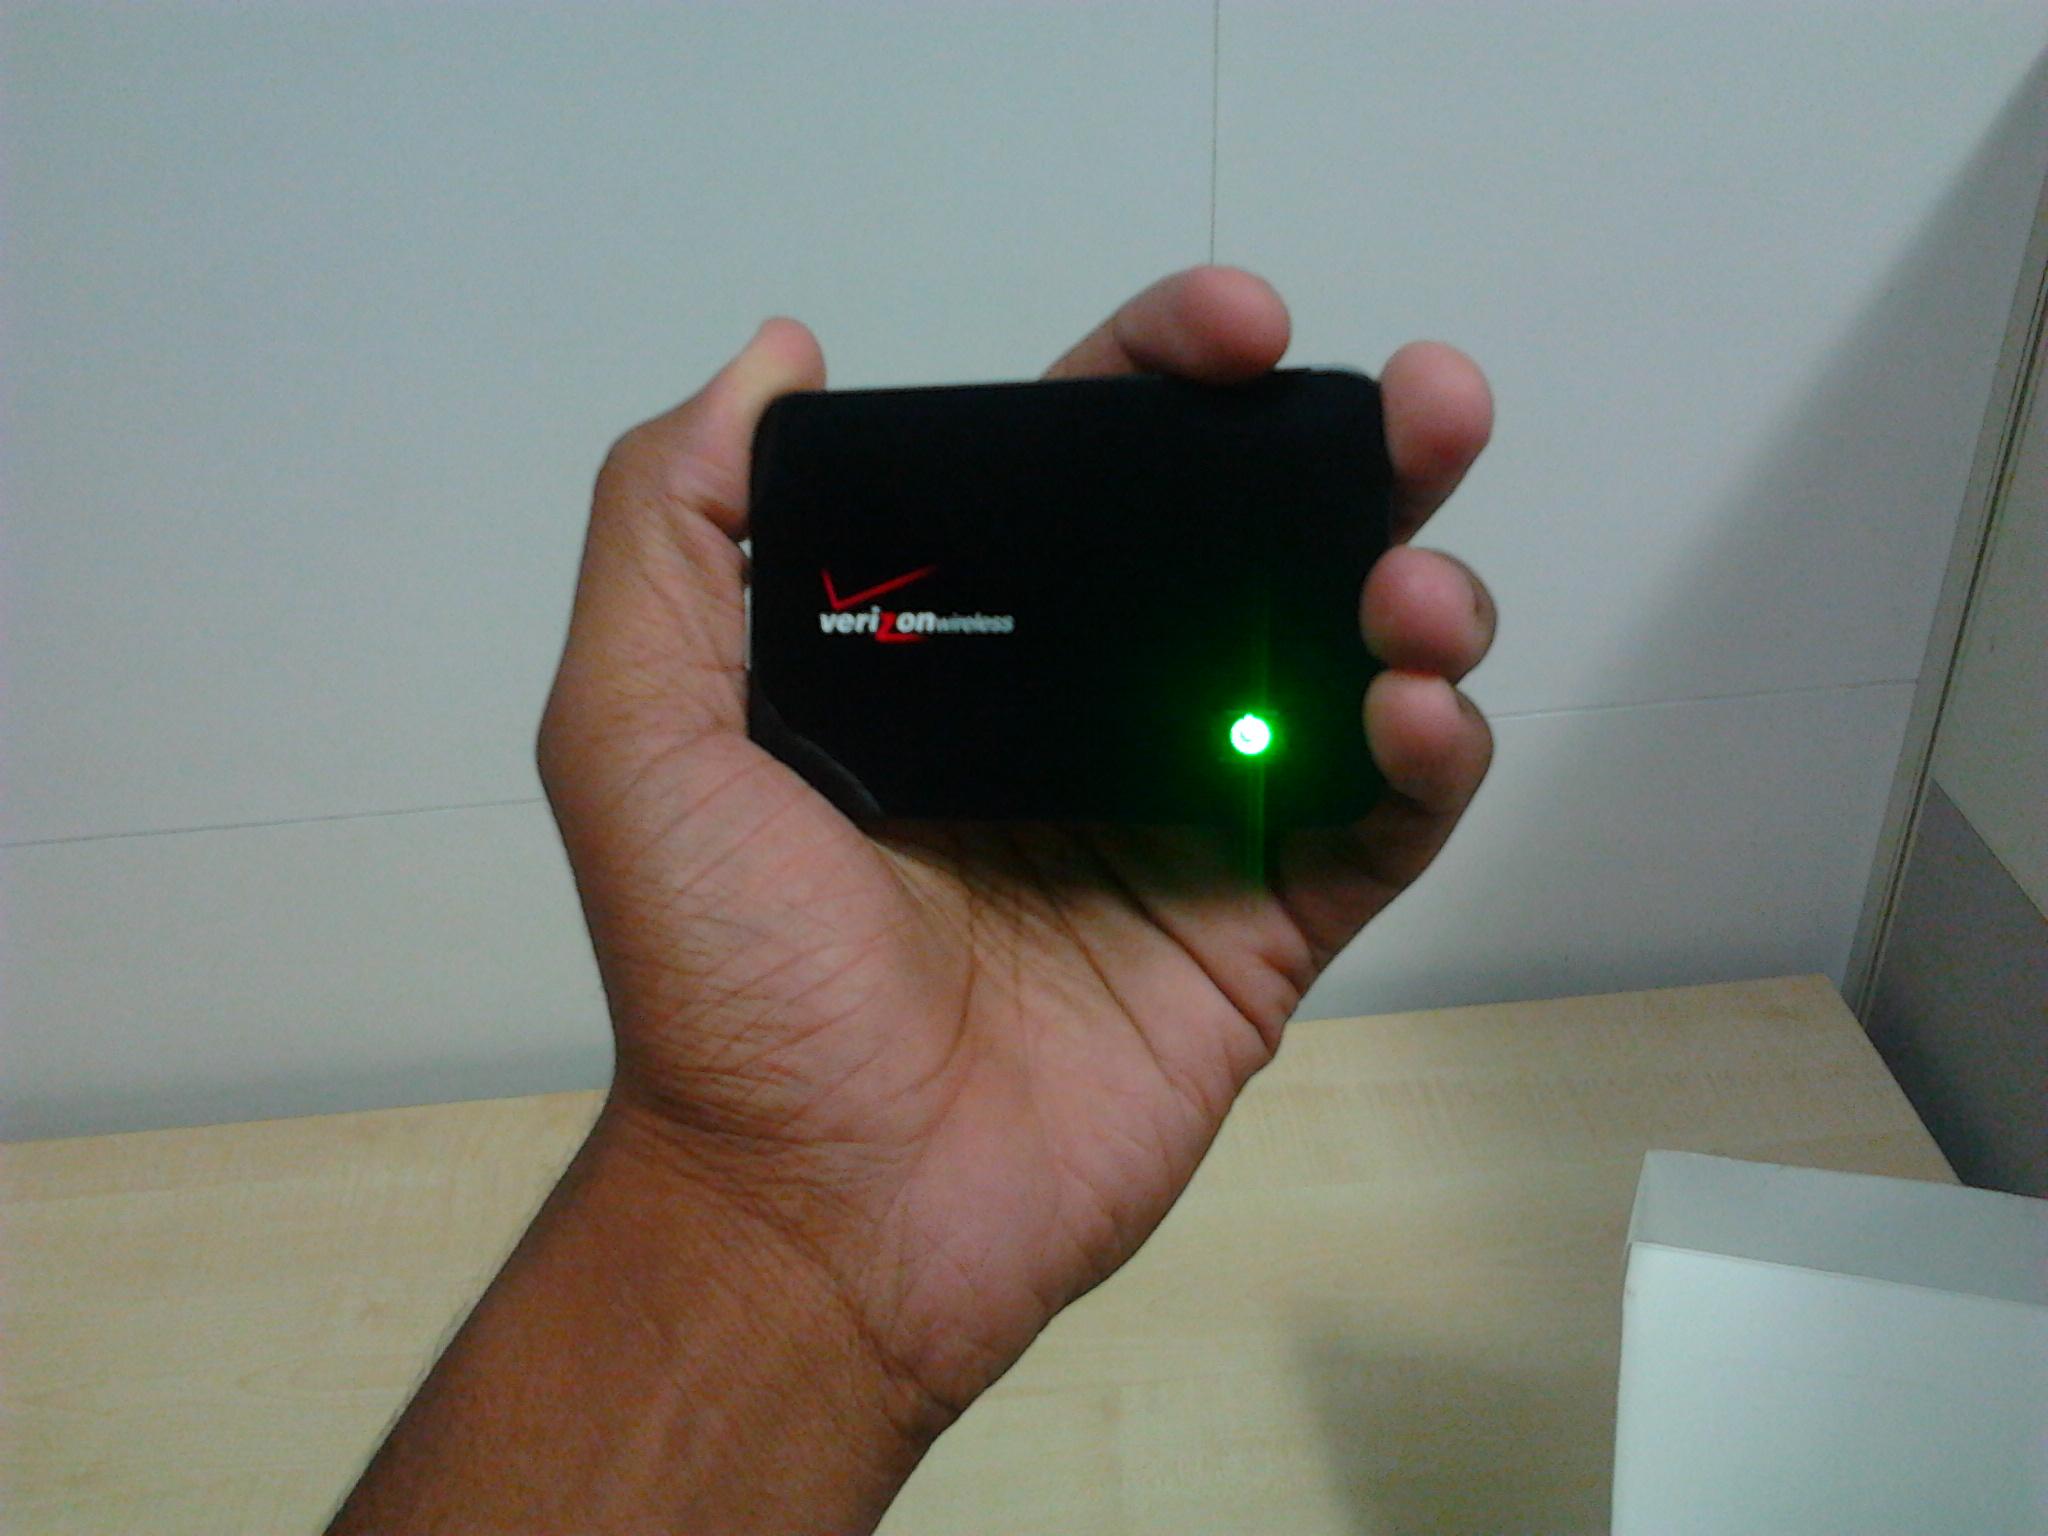 MiFi_2200_from_Novatel_Wireless_for_Verizon_Wireless